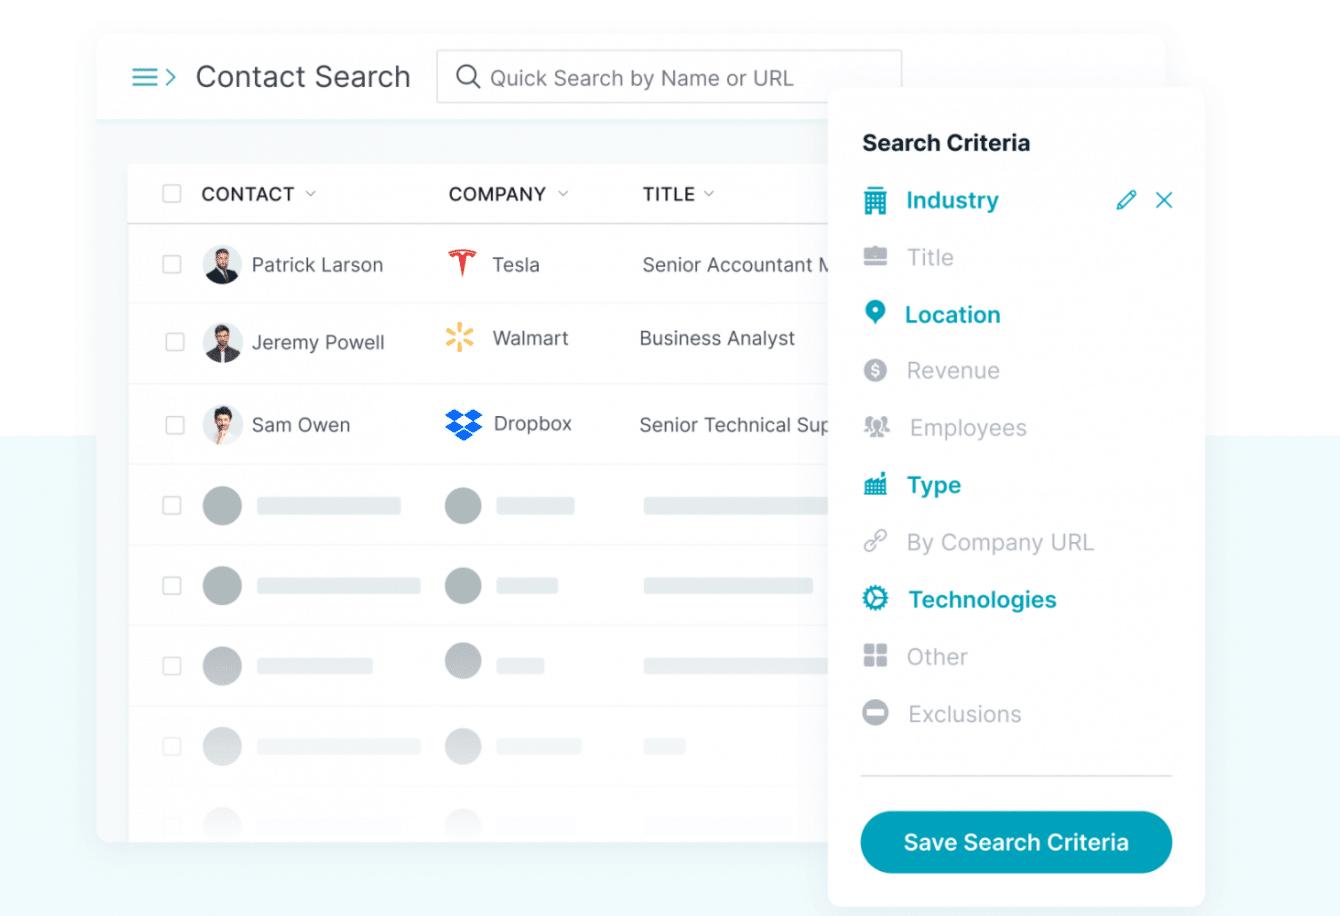 Contact & Company Search